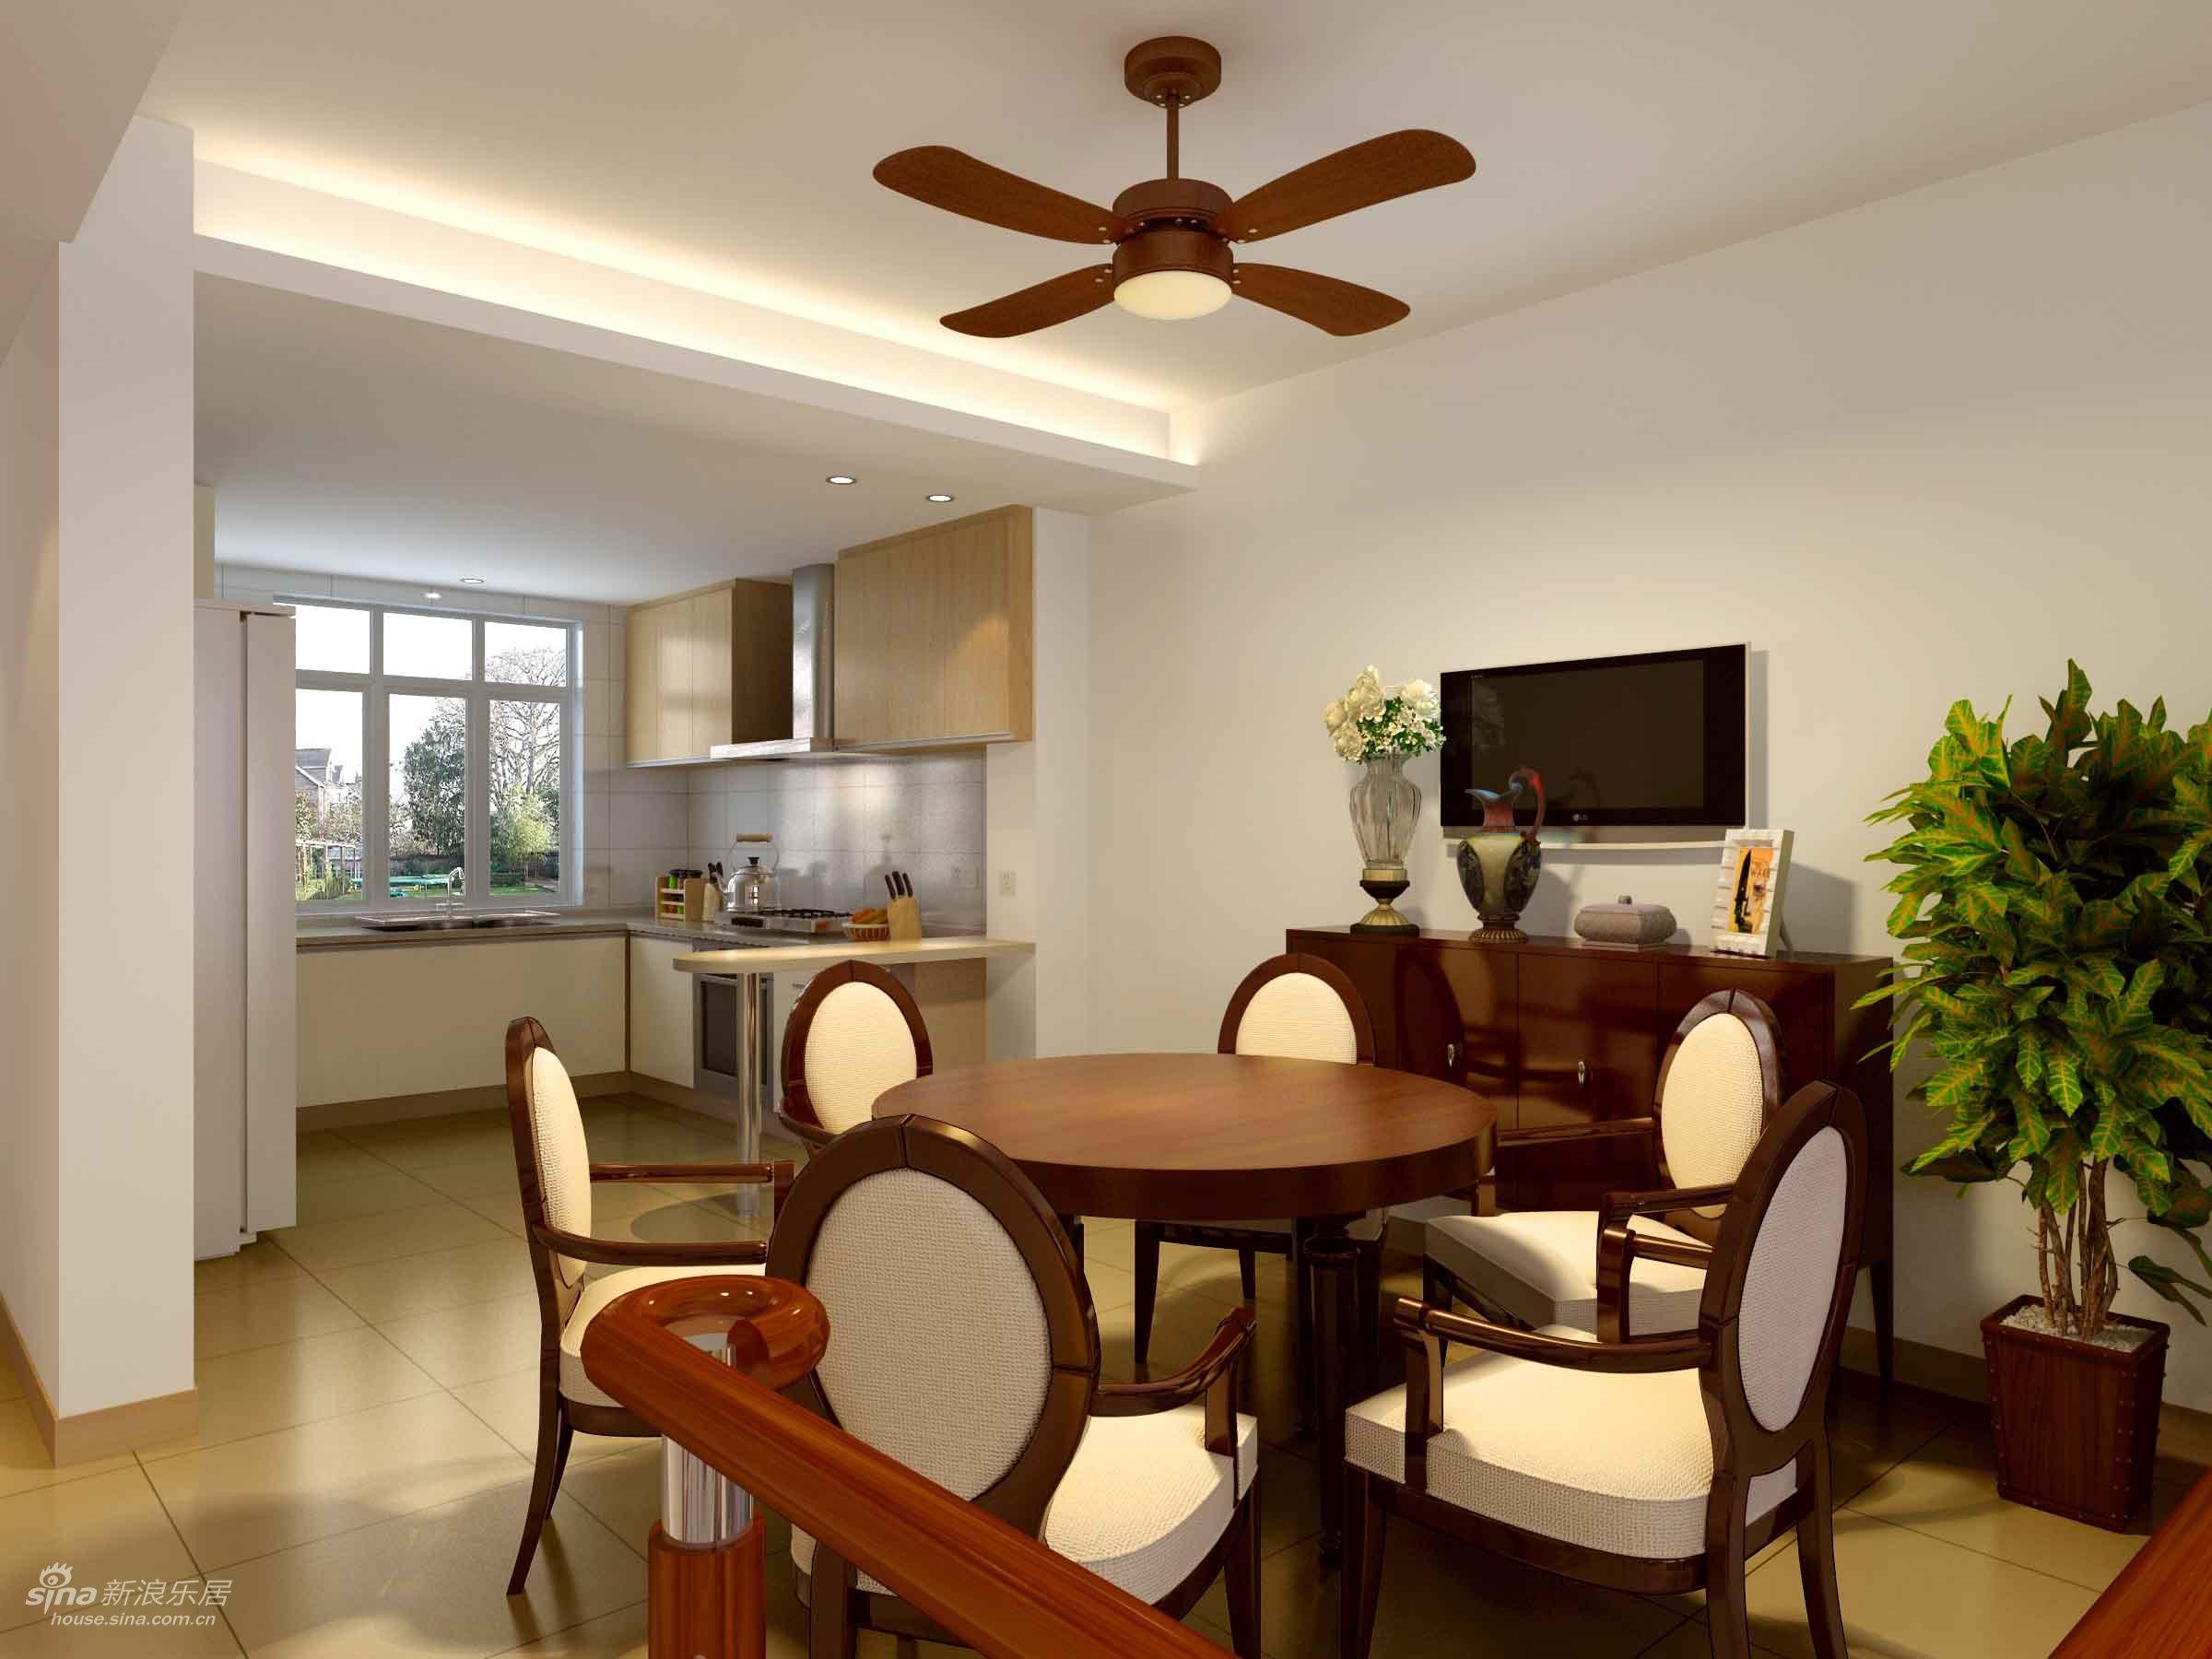 其他 复式 客厅图片来自用户2558757937在20万元打造东南亚风格美墅居54的分享